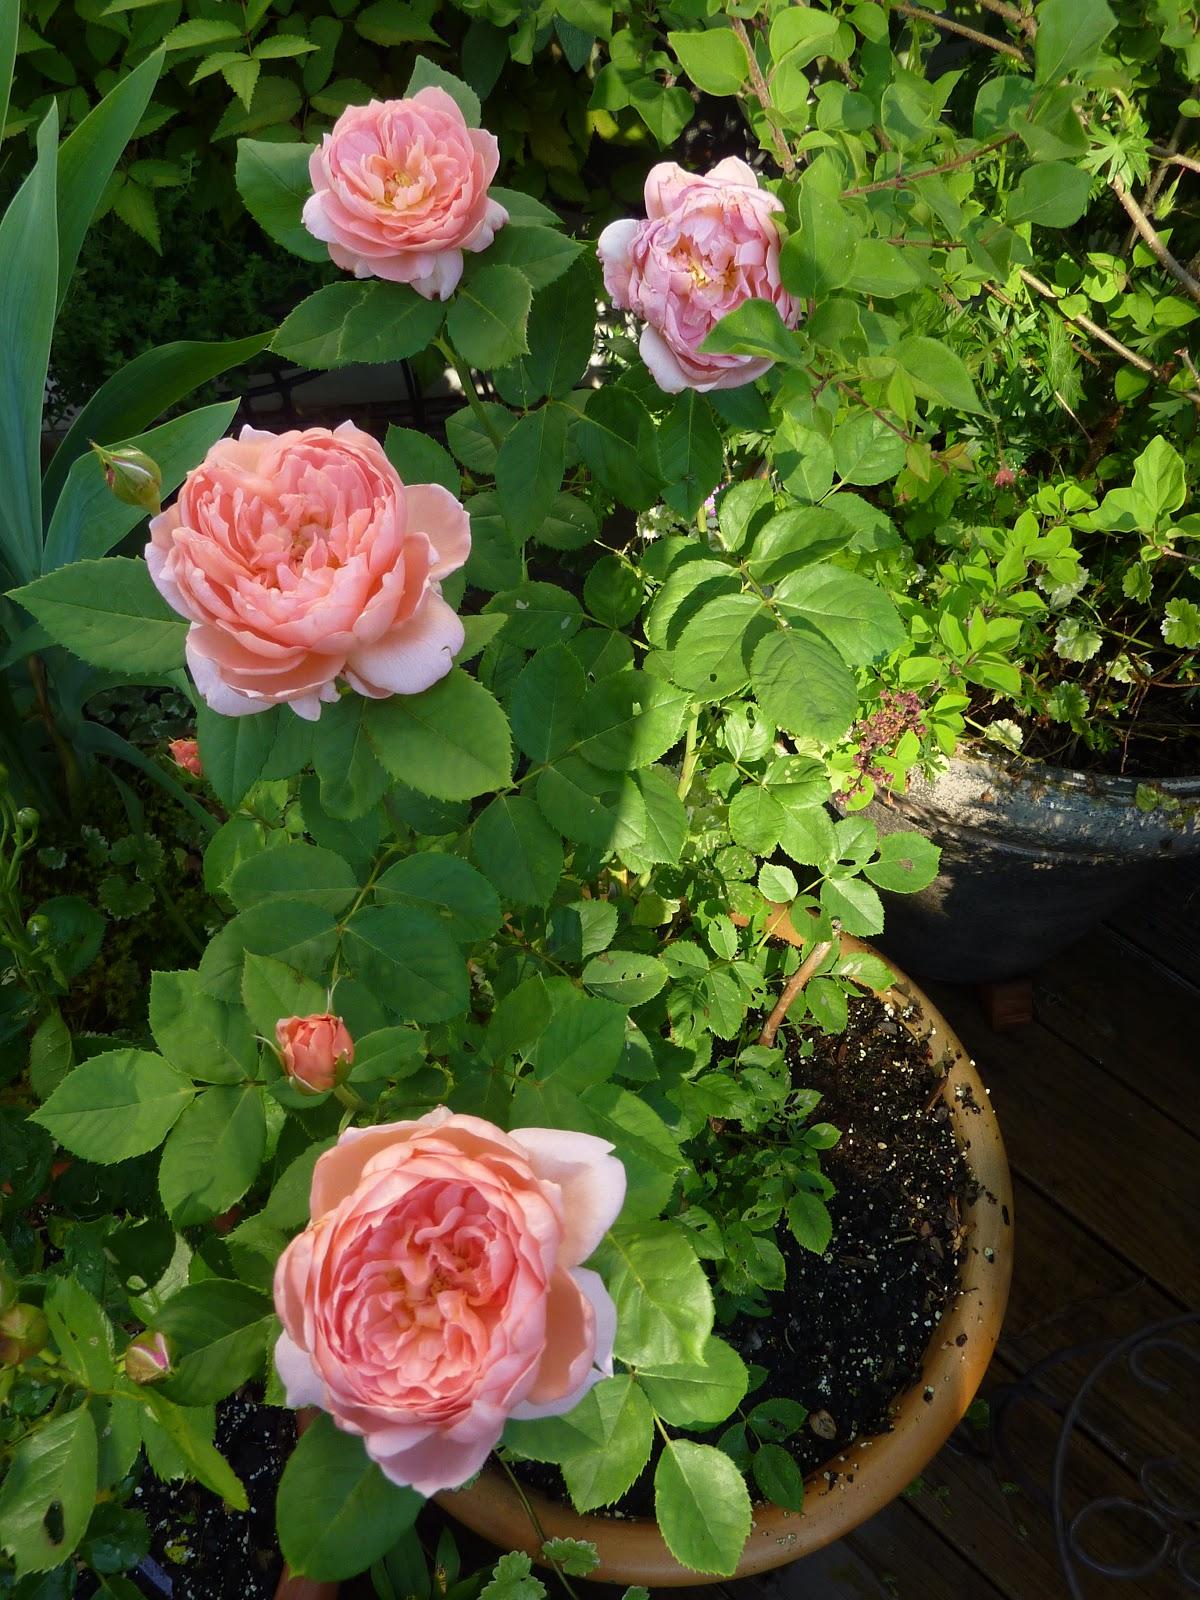 Kinh nghiệm trồng hoa hồng leo cho hoa to là trồng đúng kỹ thuật